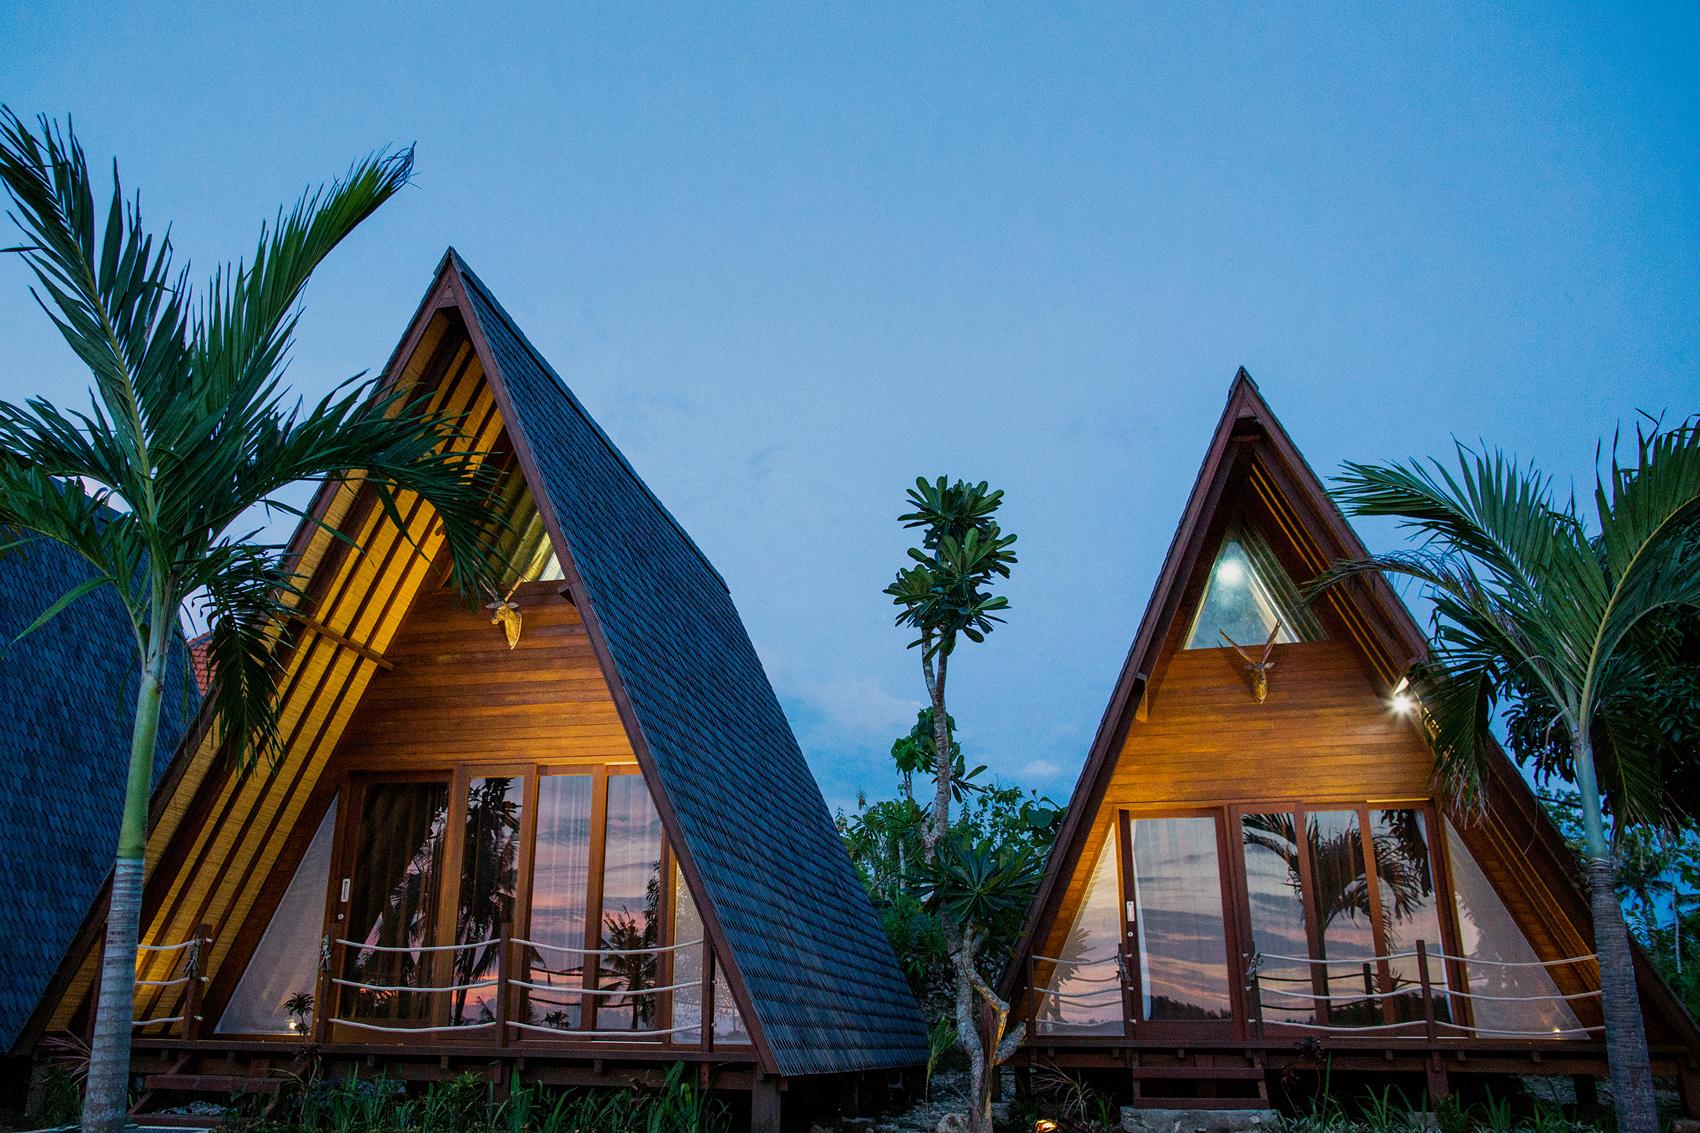 Batan Sabo Cottage